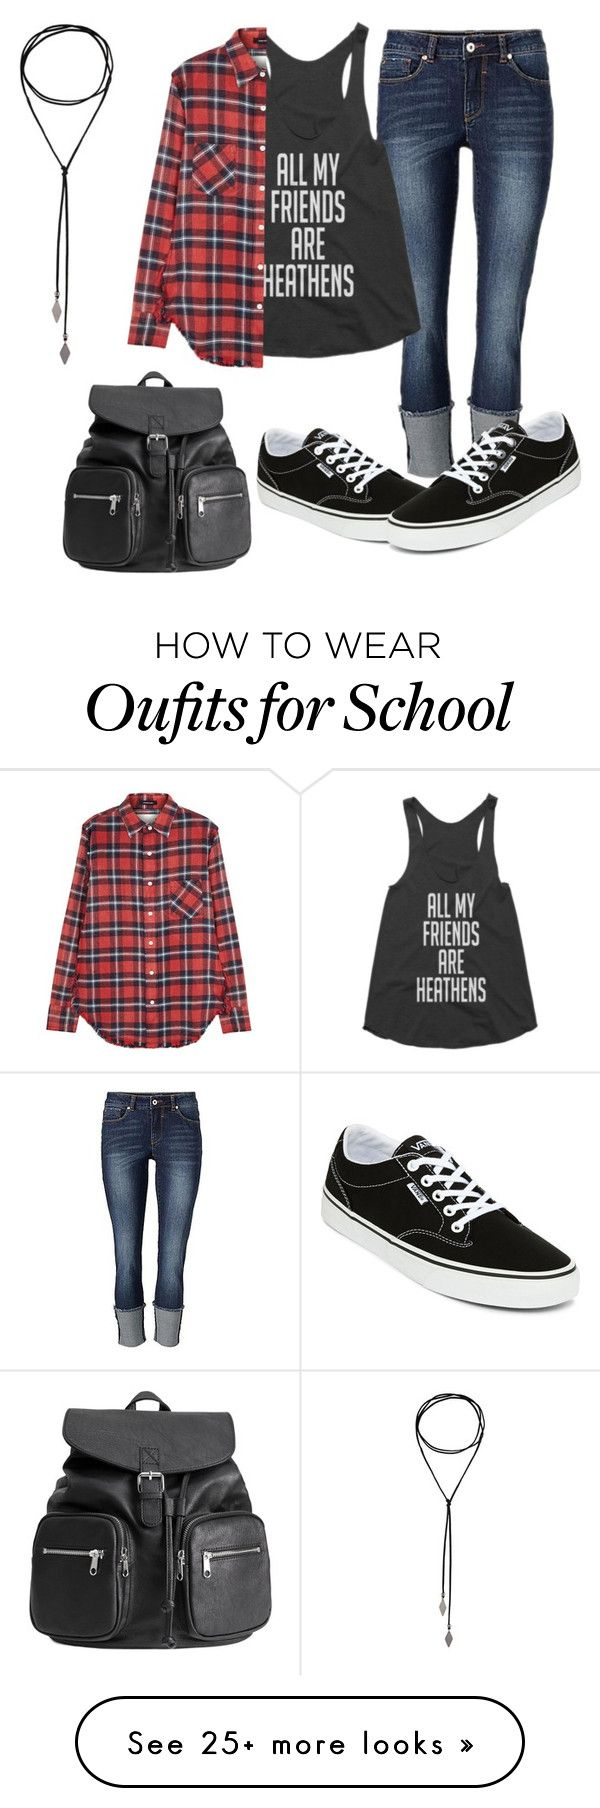 Look simples,camisa xadrez com preto e jeans,Blusa com pouca e necessária informaçao Sapato baixo